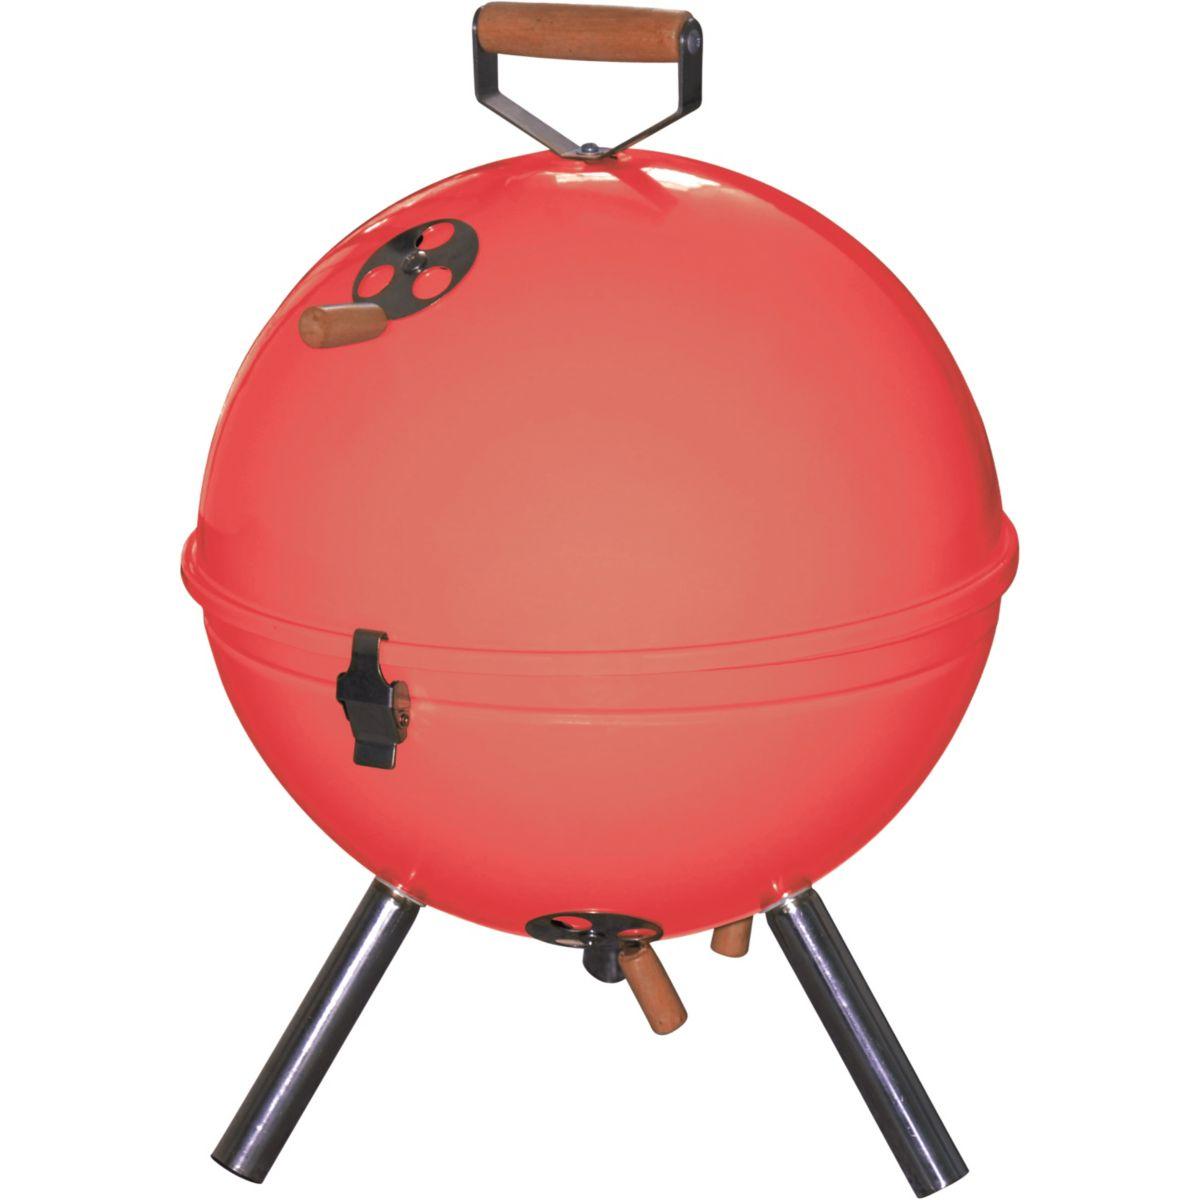 Barbecue ESSENTIELB Little Sphere Fushia (photo)